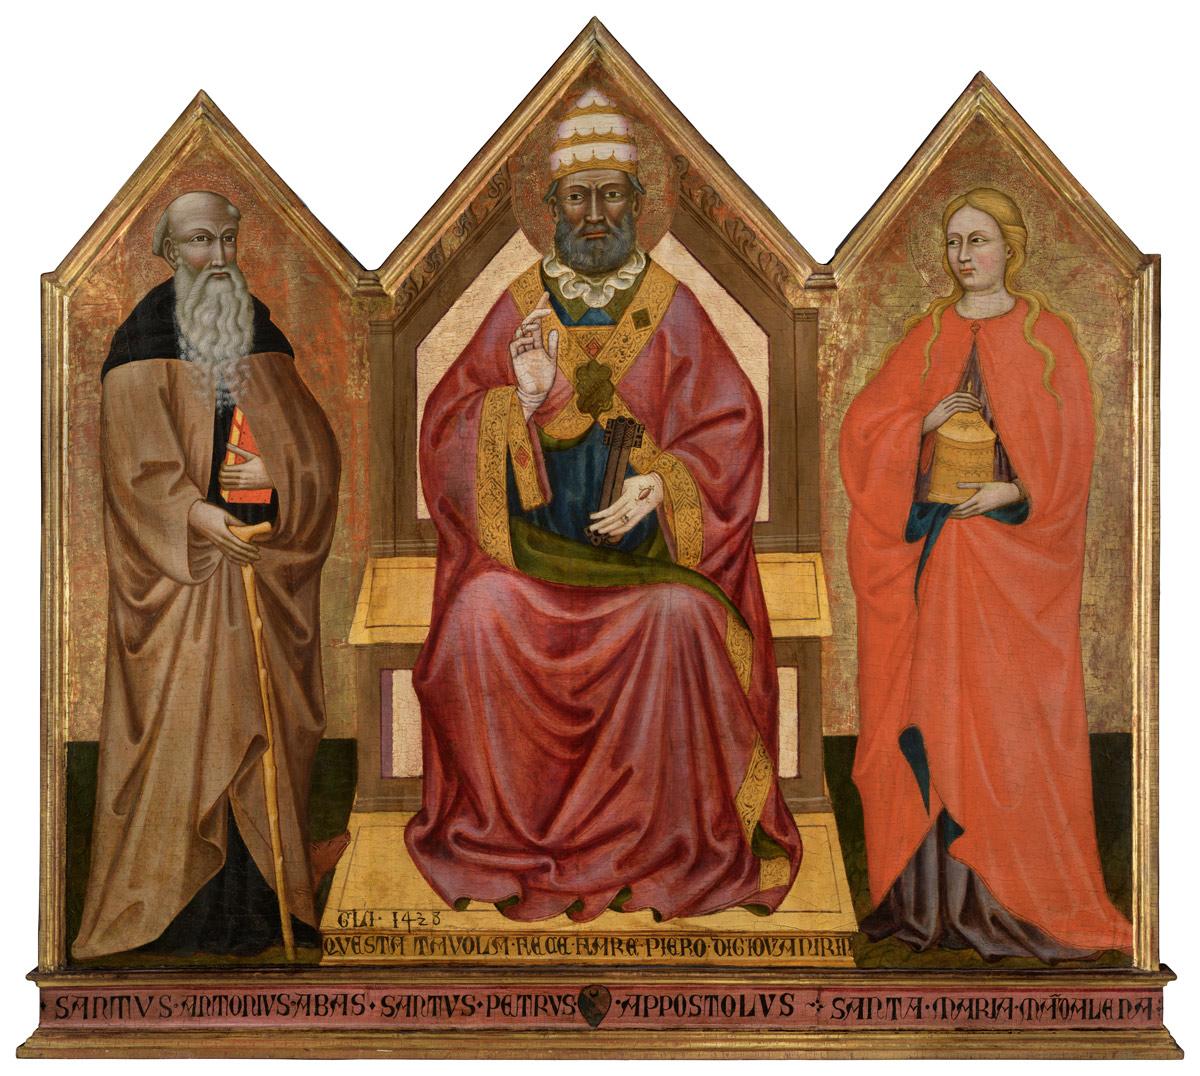 Avenza, una parrocchia tenta il miracolo: riportare a casa un trittico del 1438 uscito dalla chiesa secoli fa